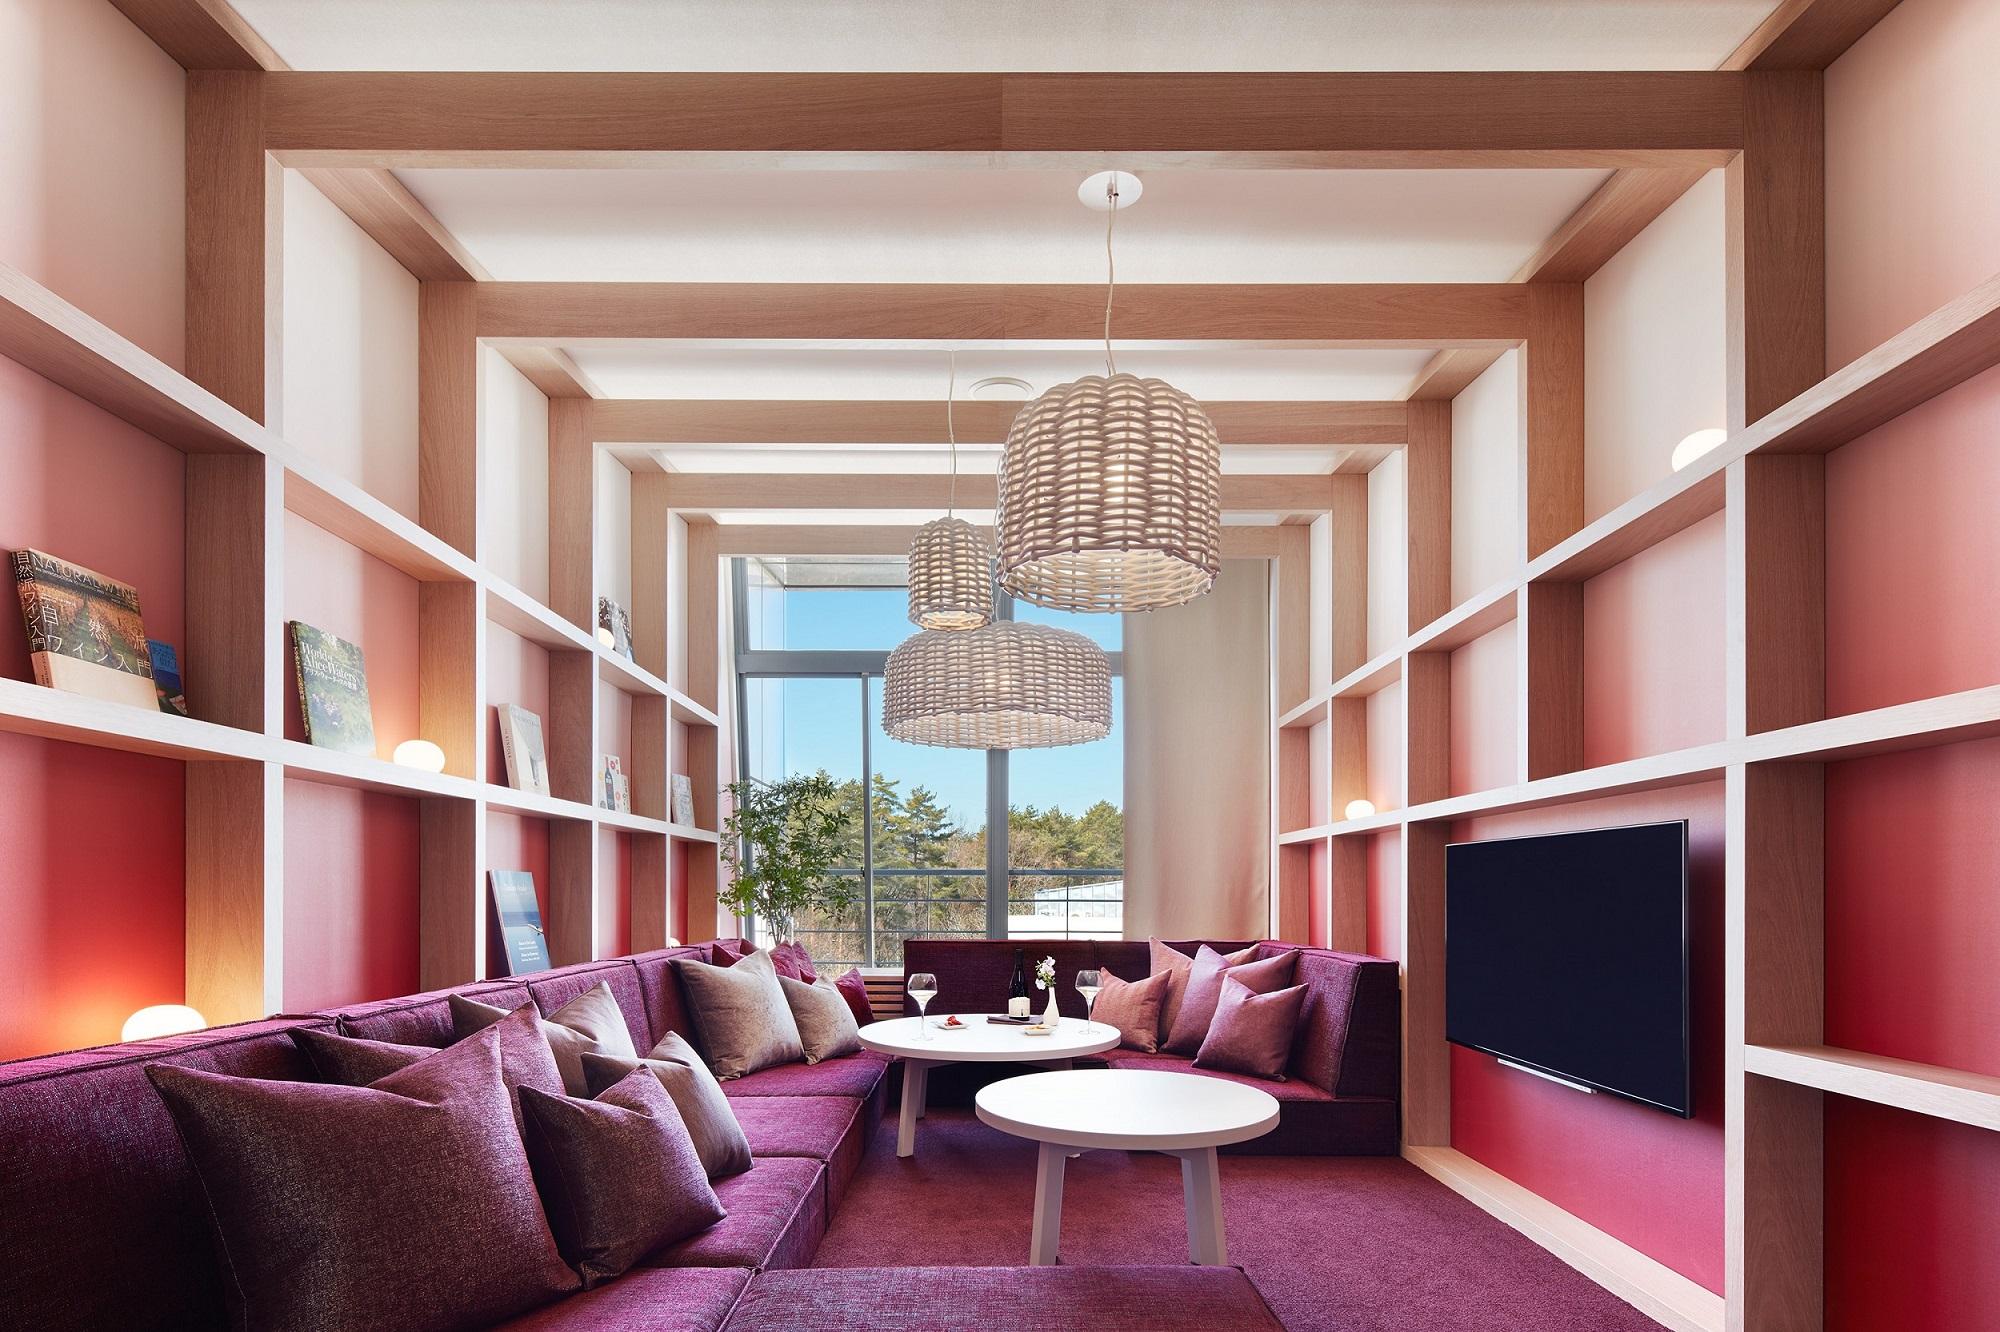 八ヶ岳の自然とワインリゾートを表現した客室